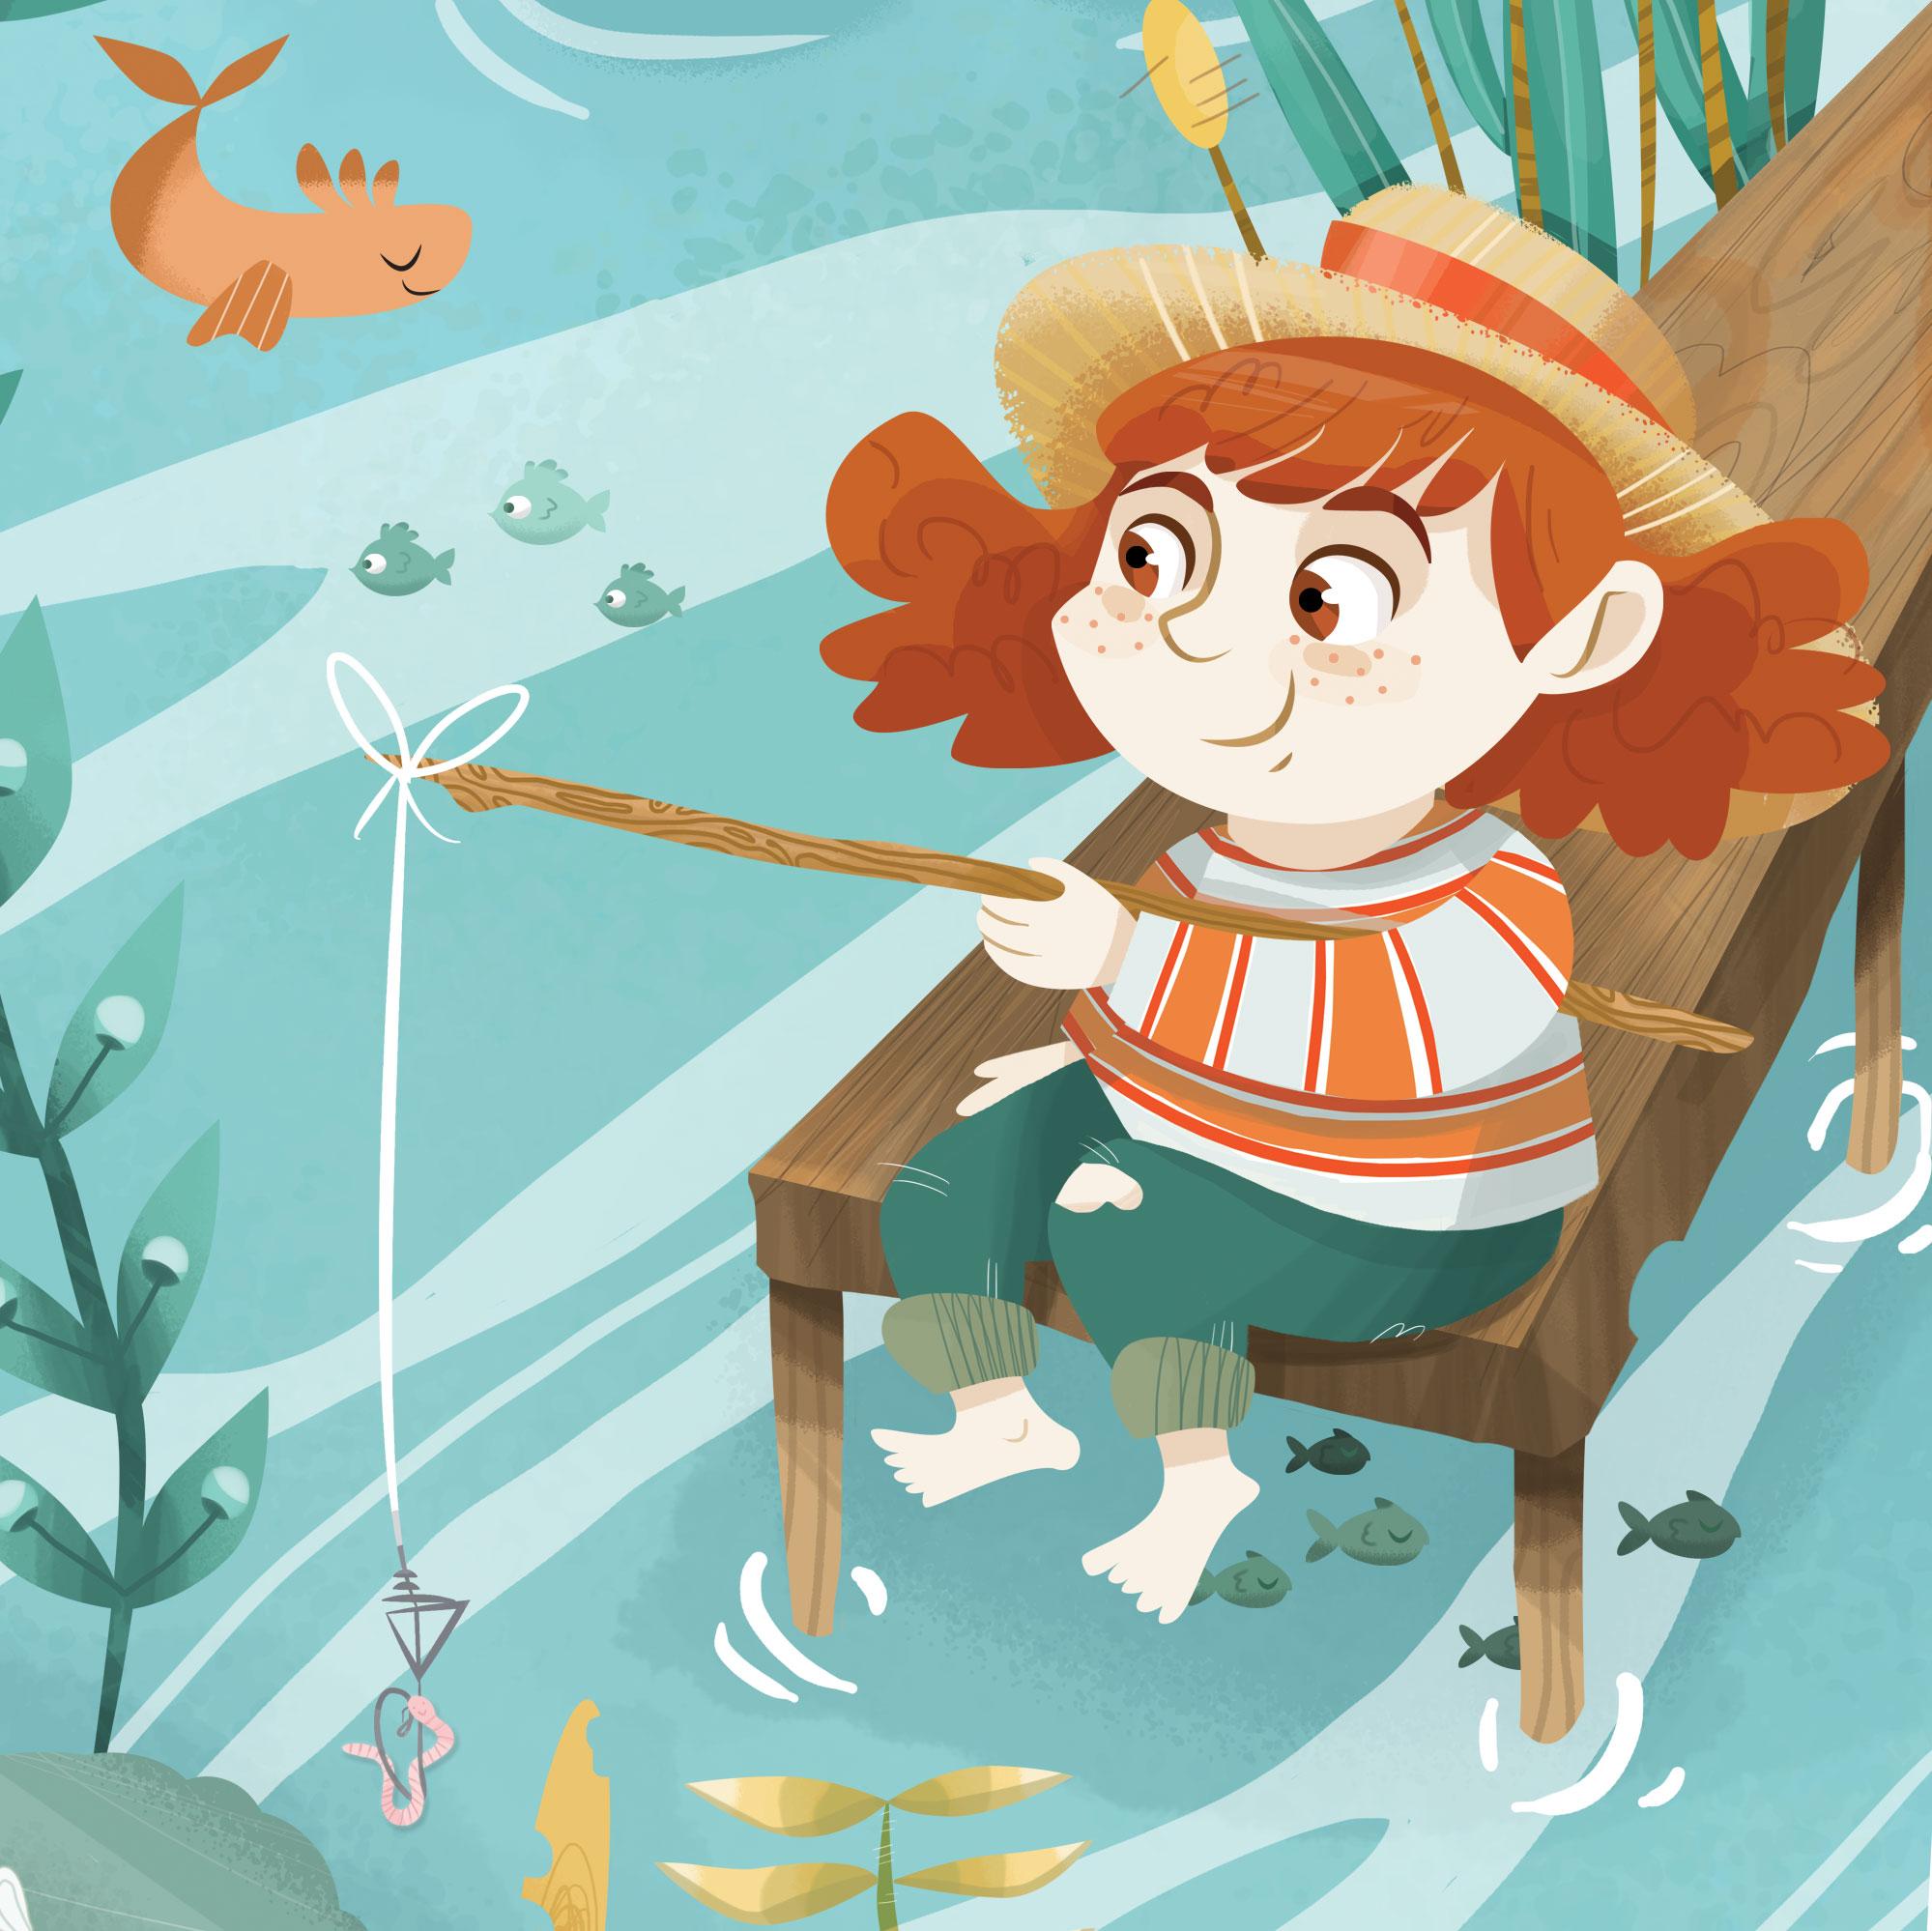 bambina-a-pesca-illustrazione